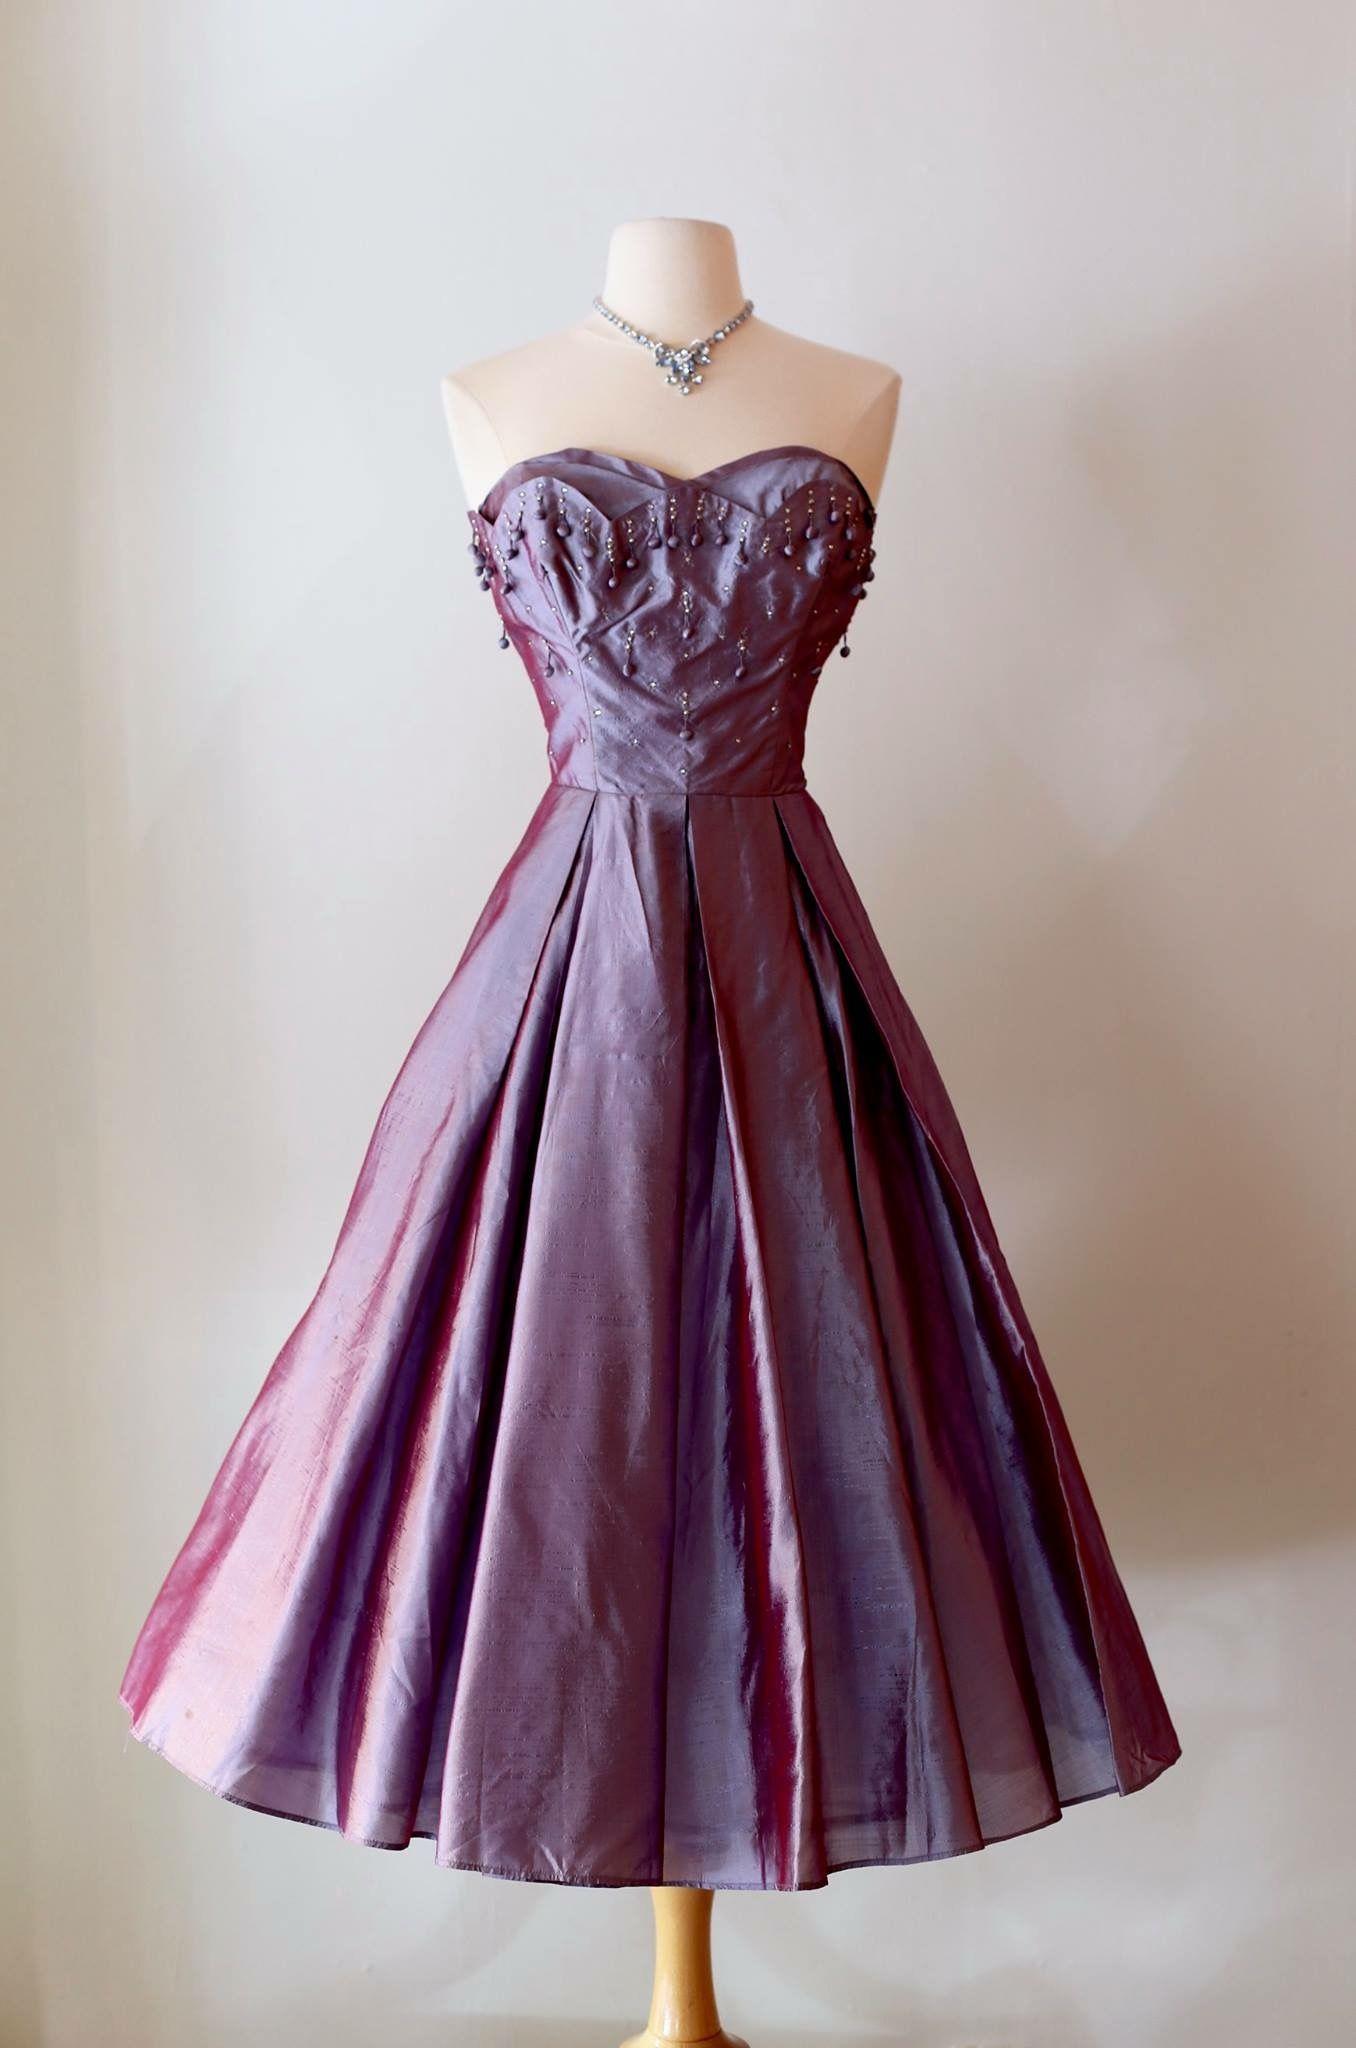 Excepcional Vestidos De Cóctel 1950 Colección de Imágenes - Vestido ...